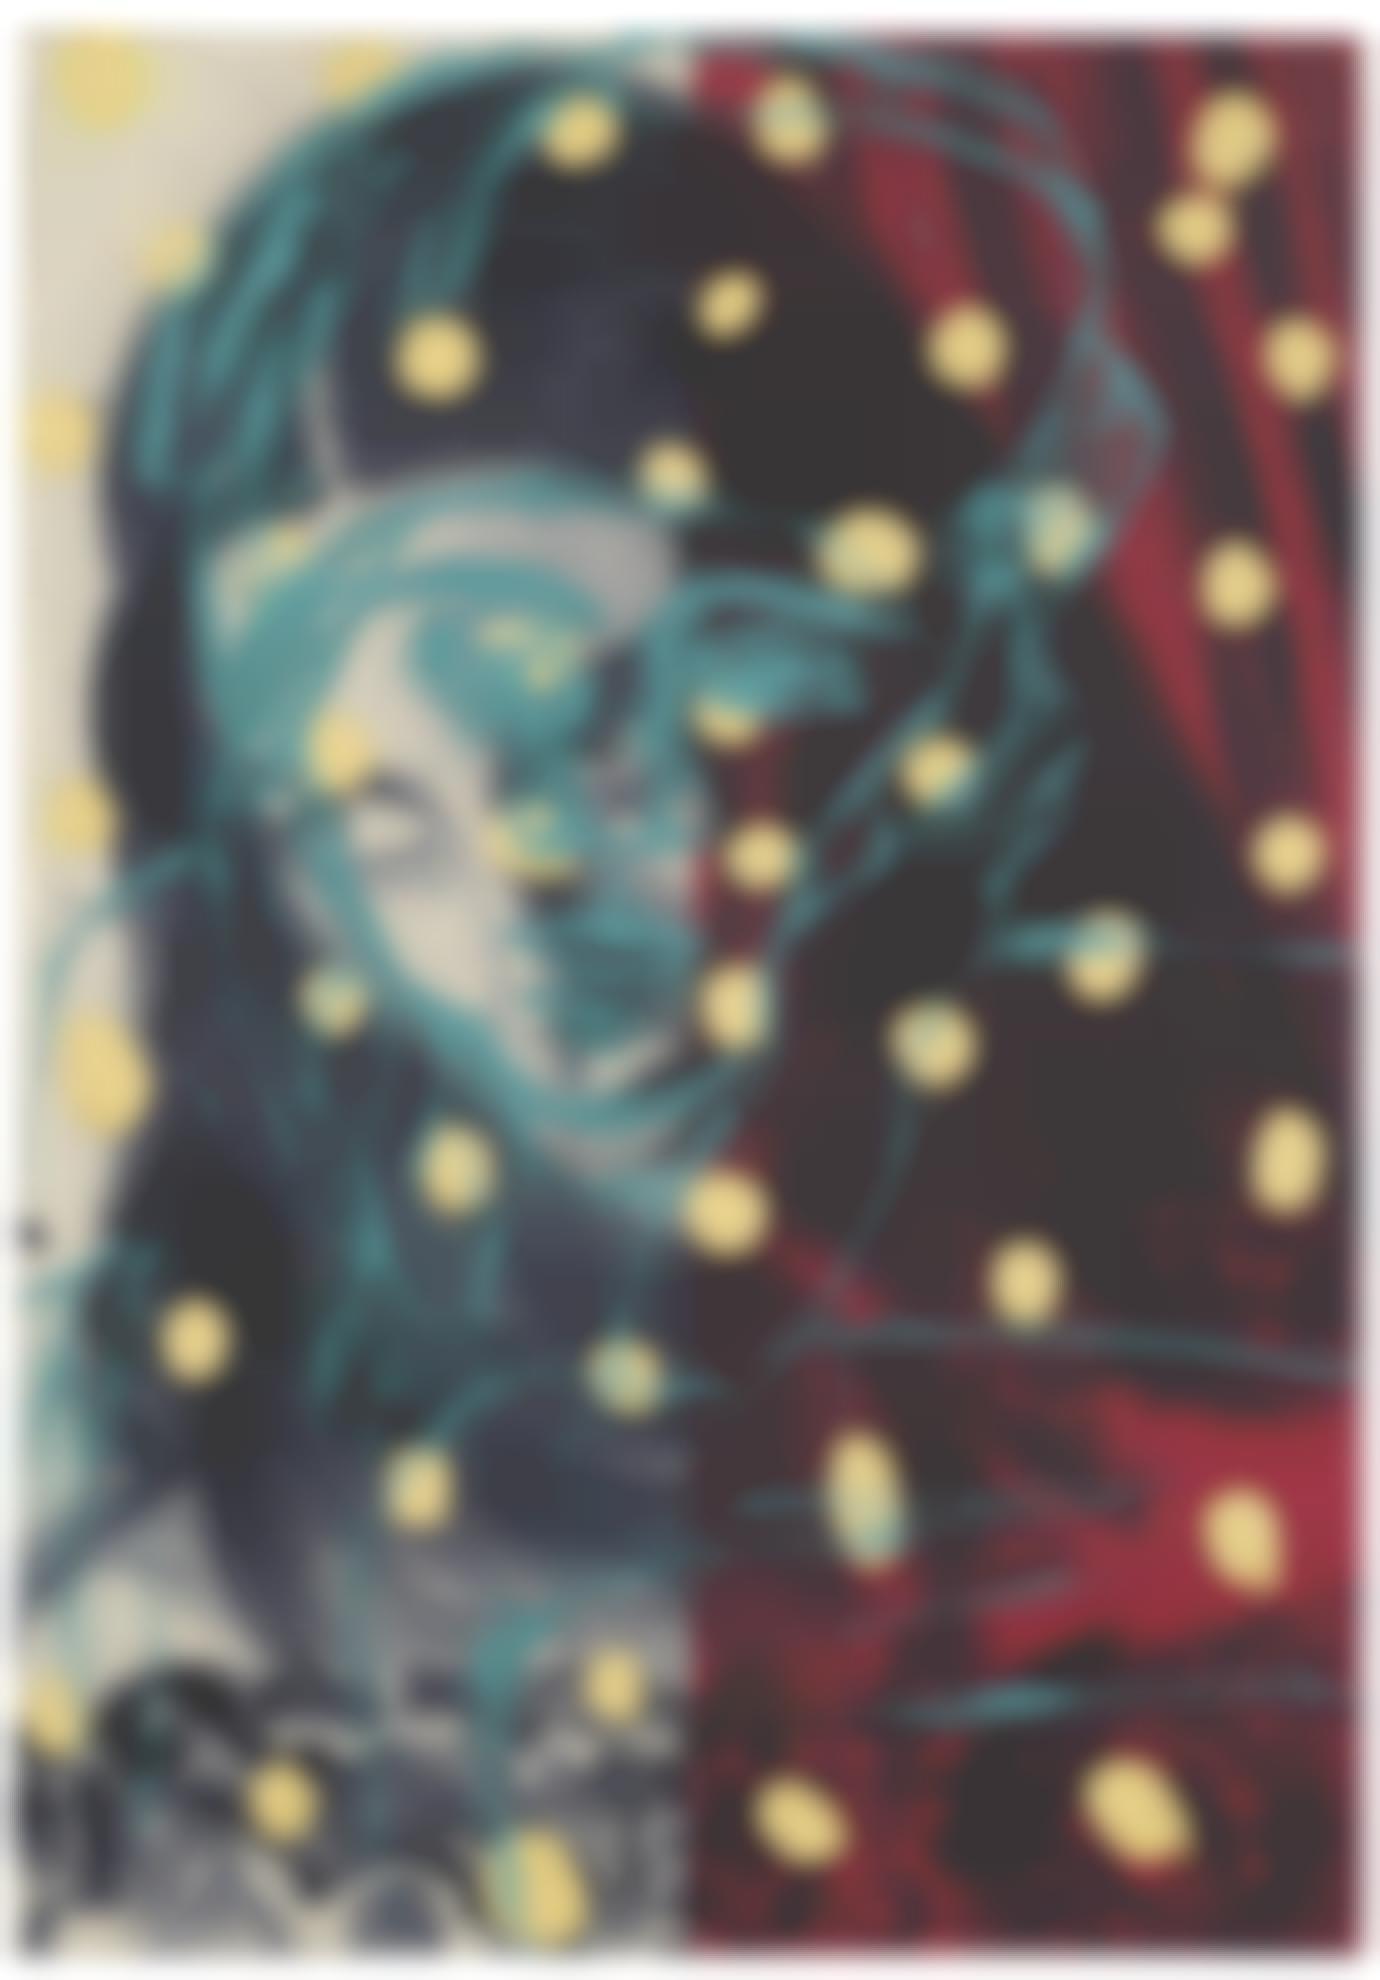 David Salle-Inhaler-1983